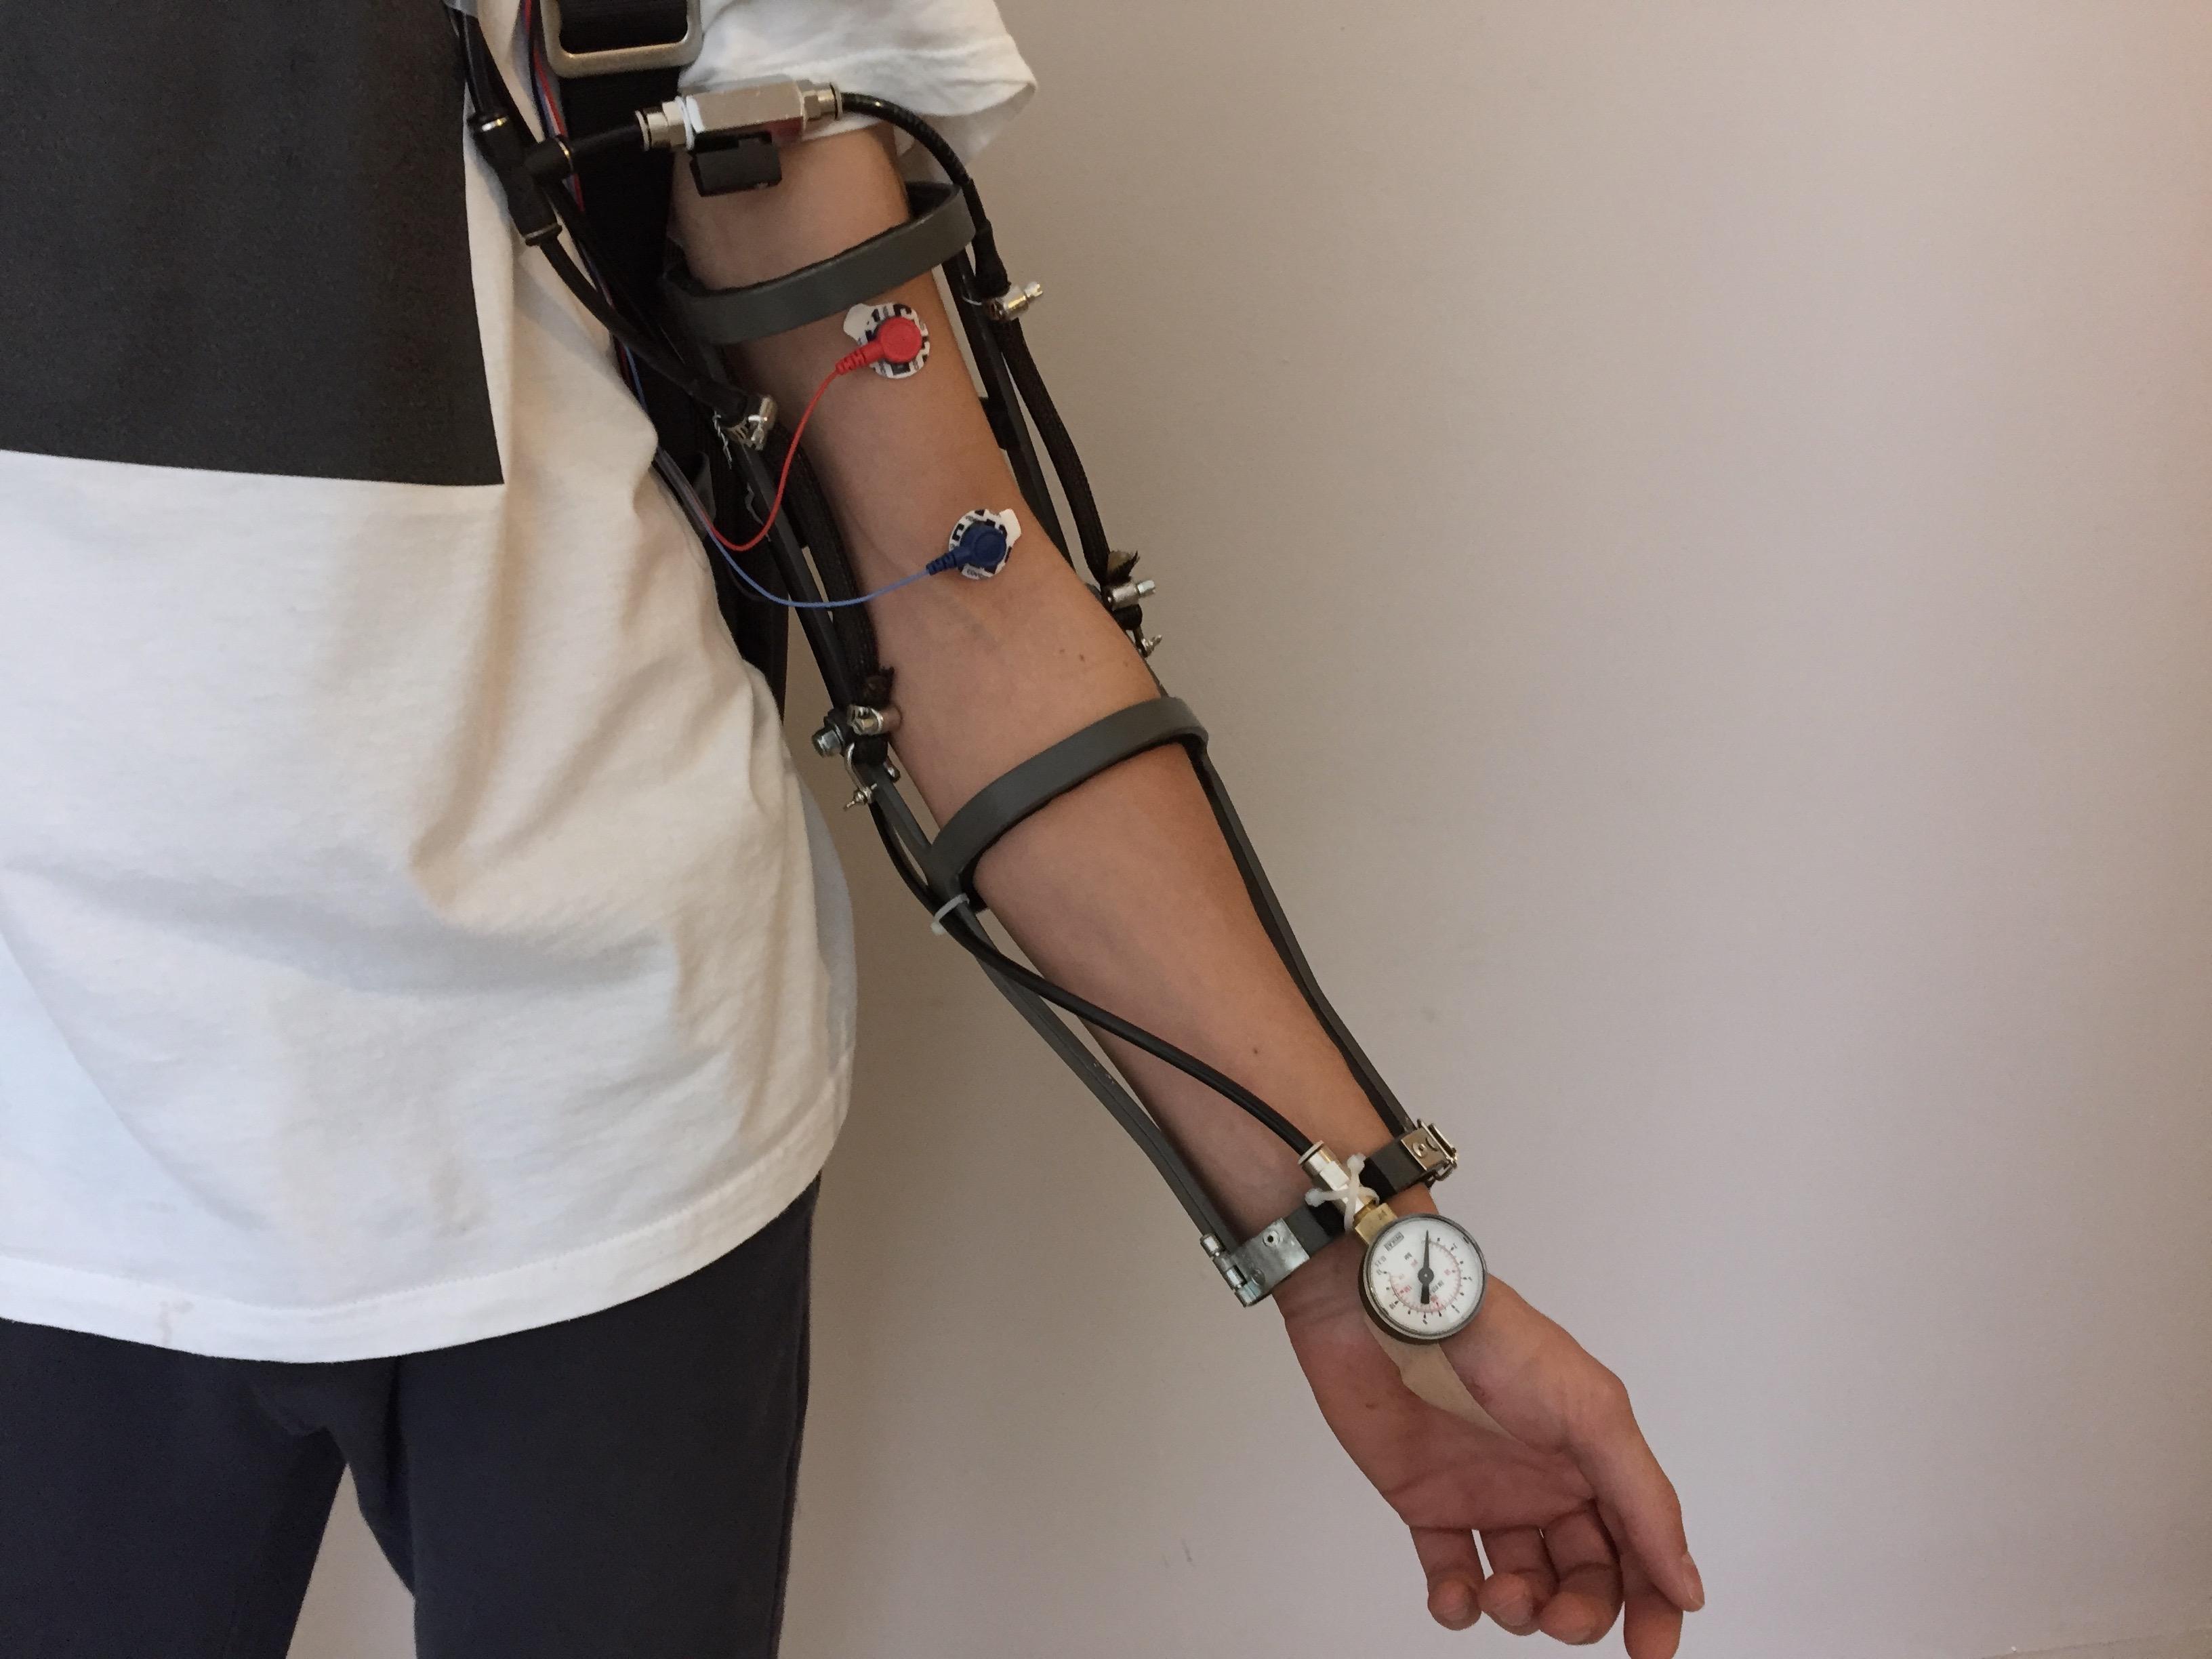 Orion - l'esoscheletro controllato attraverso i muscoli